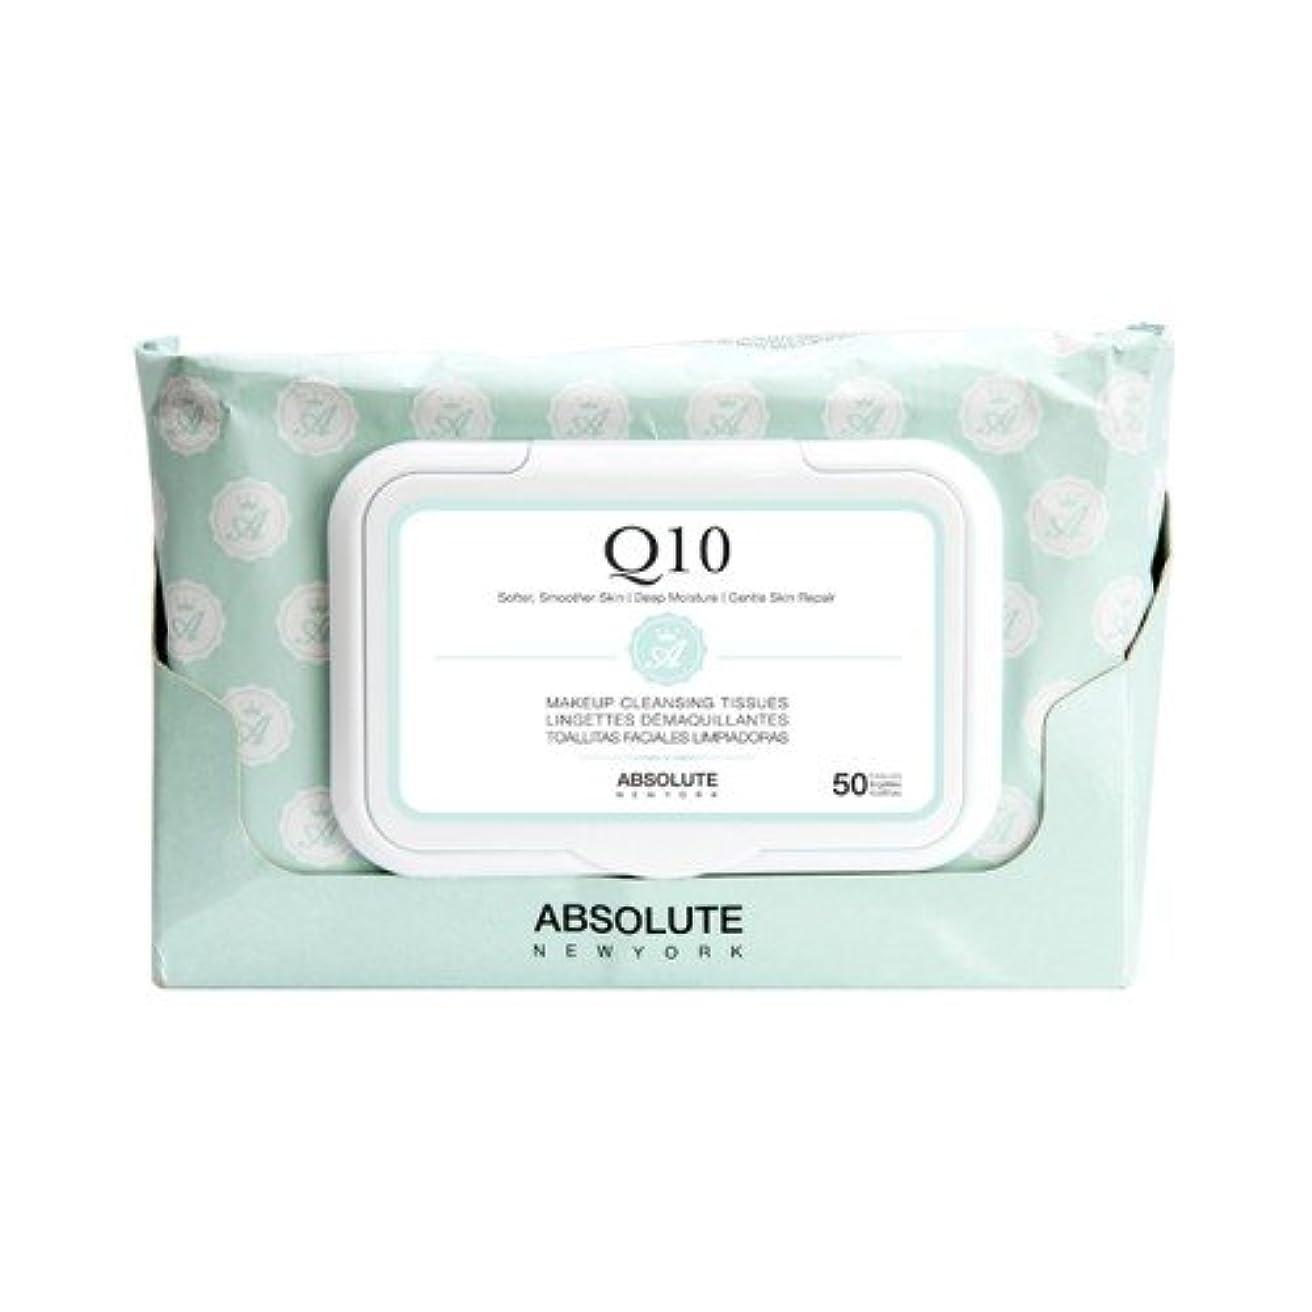 終わったリブ敬意を表する(3 Pack) ABSOLUTE Makeup Cleansing Tissue 50CT - Q10 (並行輸入品)